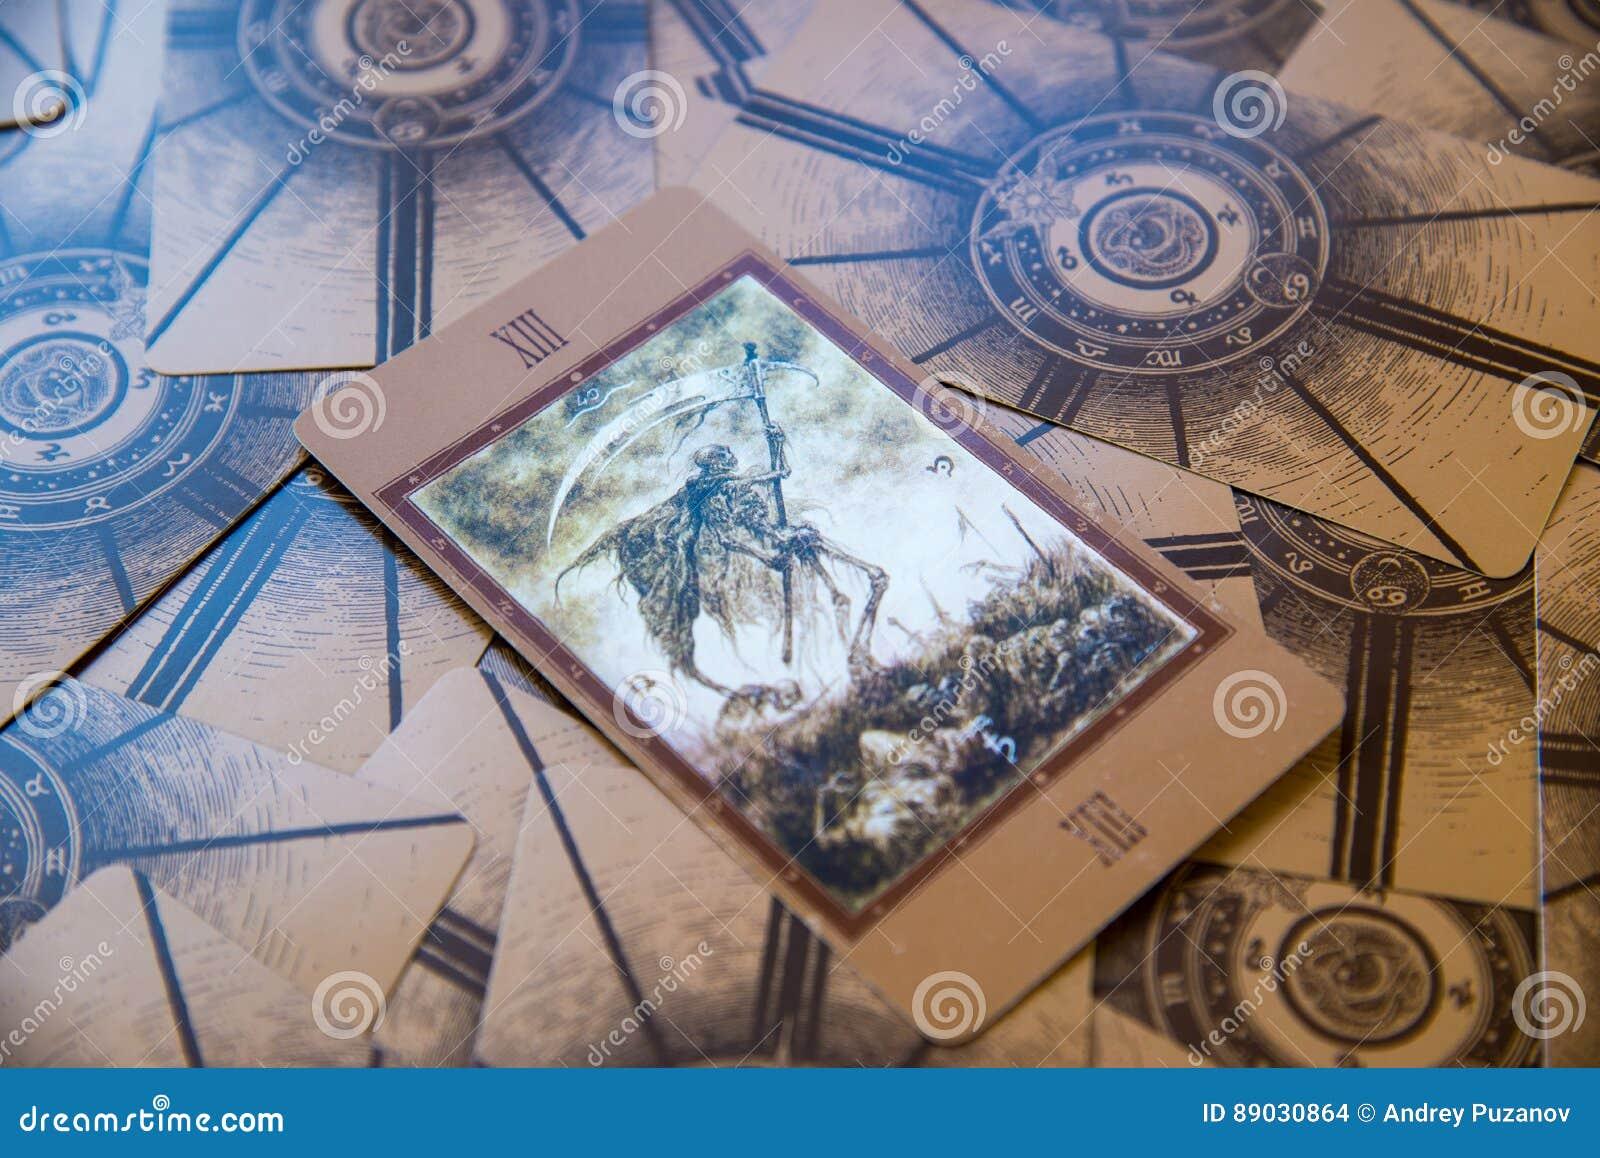 Tarockkarte